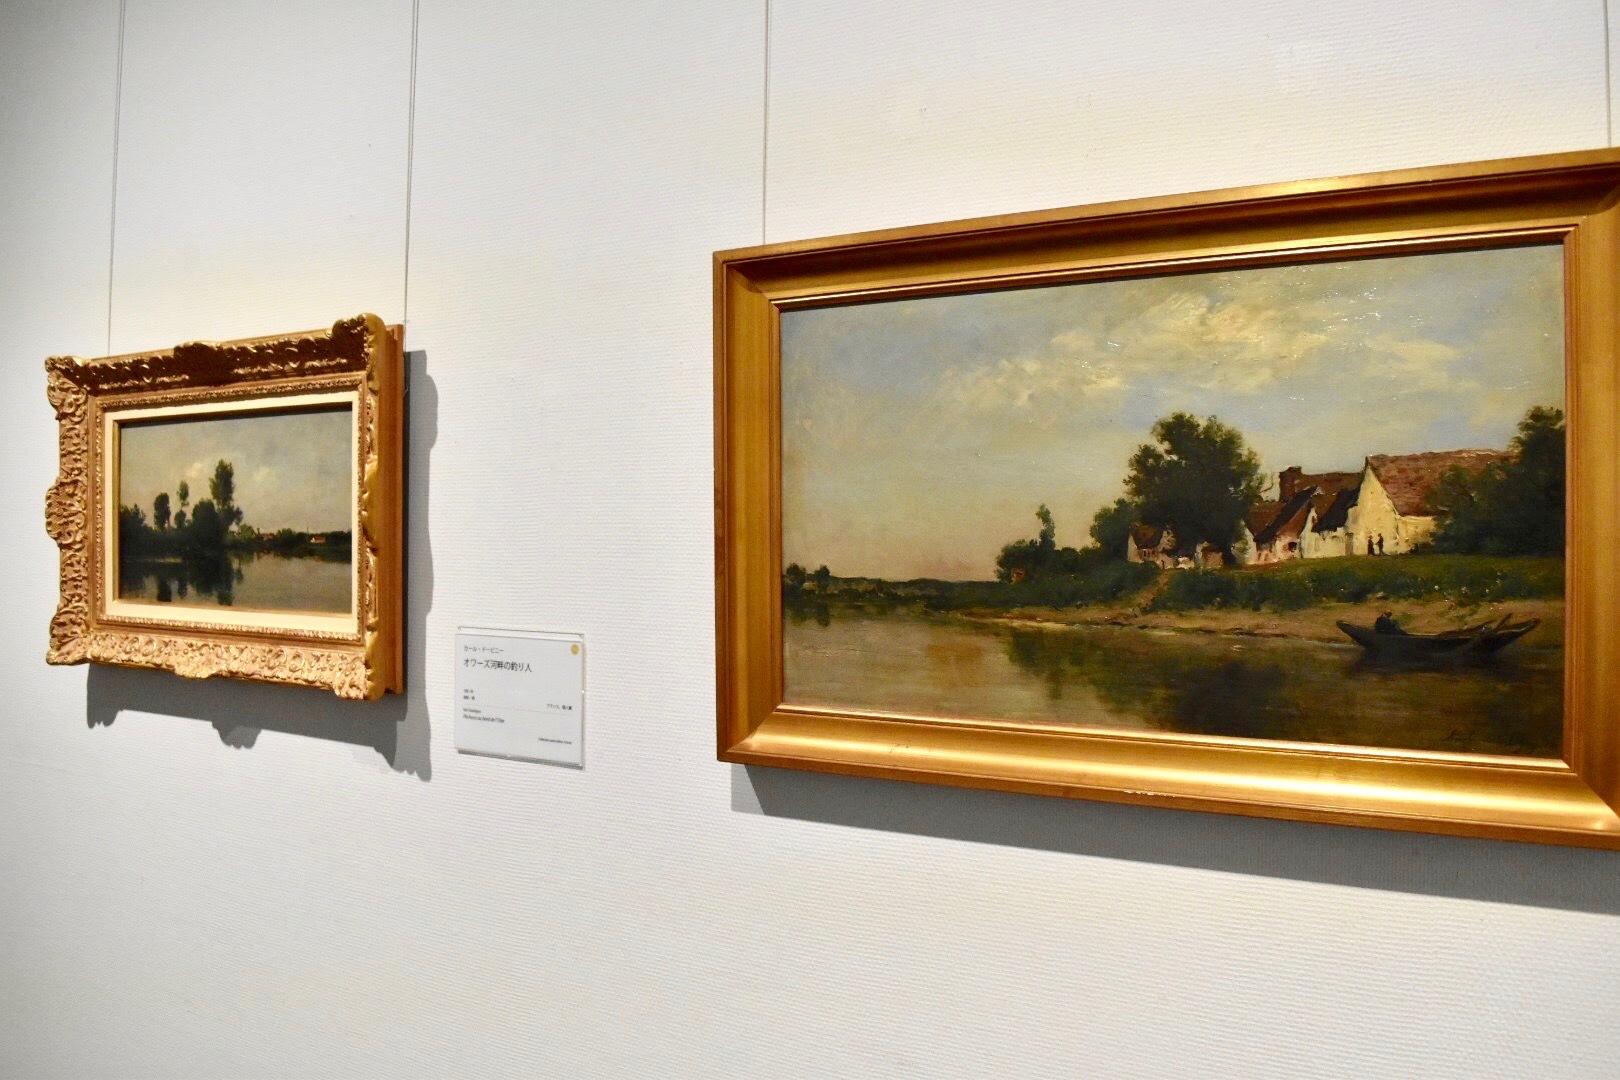 右:カール・ドービニー 《川岸》 1881年 ランス美術館蔵